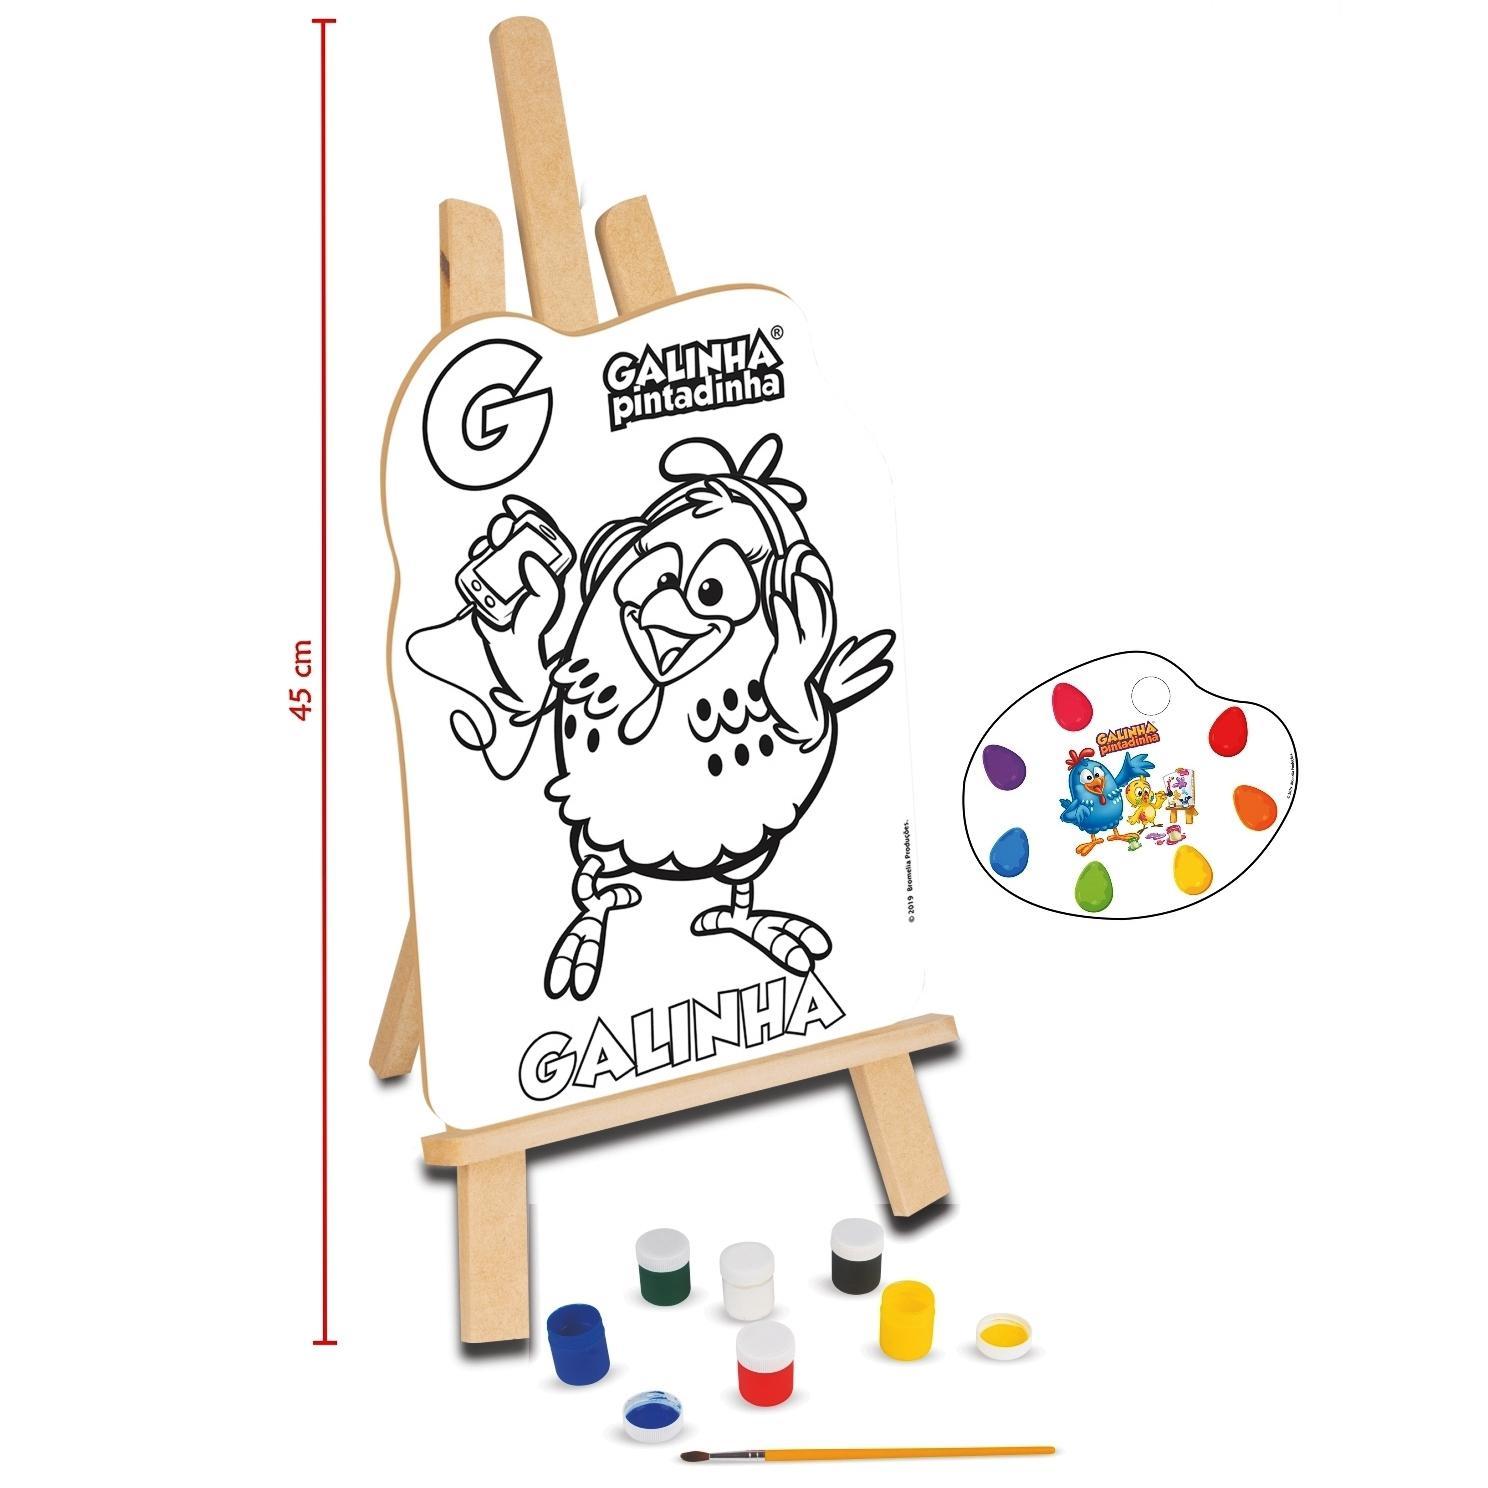 Kit de Pintura Galinha Pintadinha Em Madeira - Nig Brinquedos